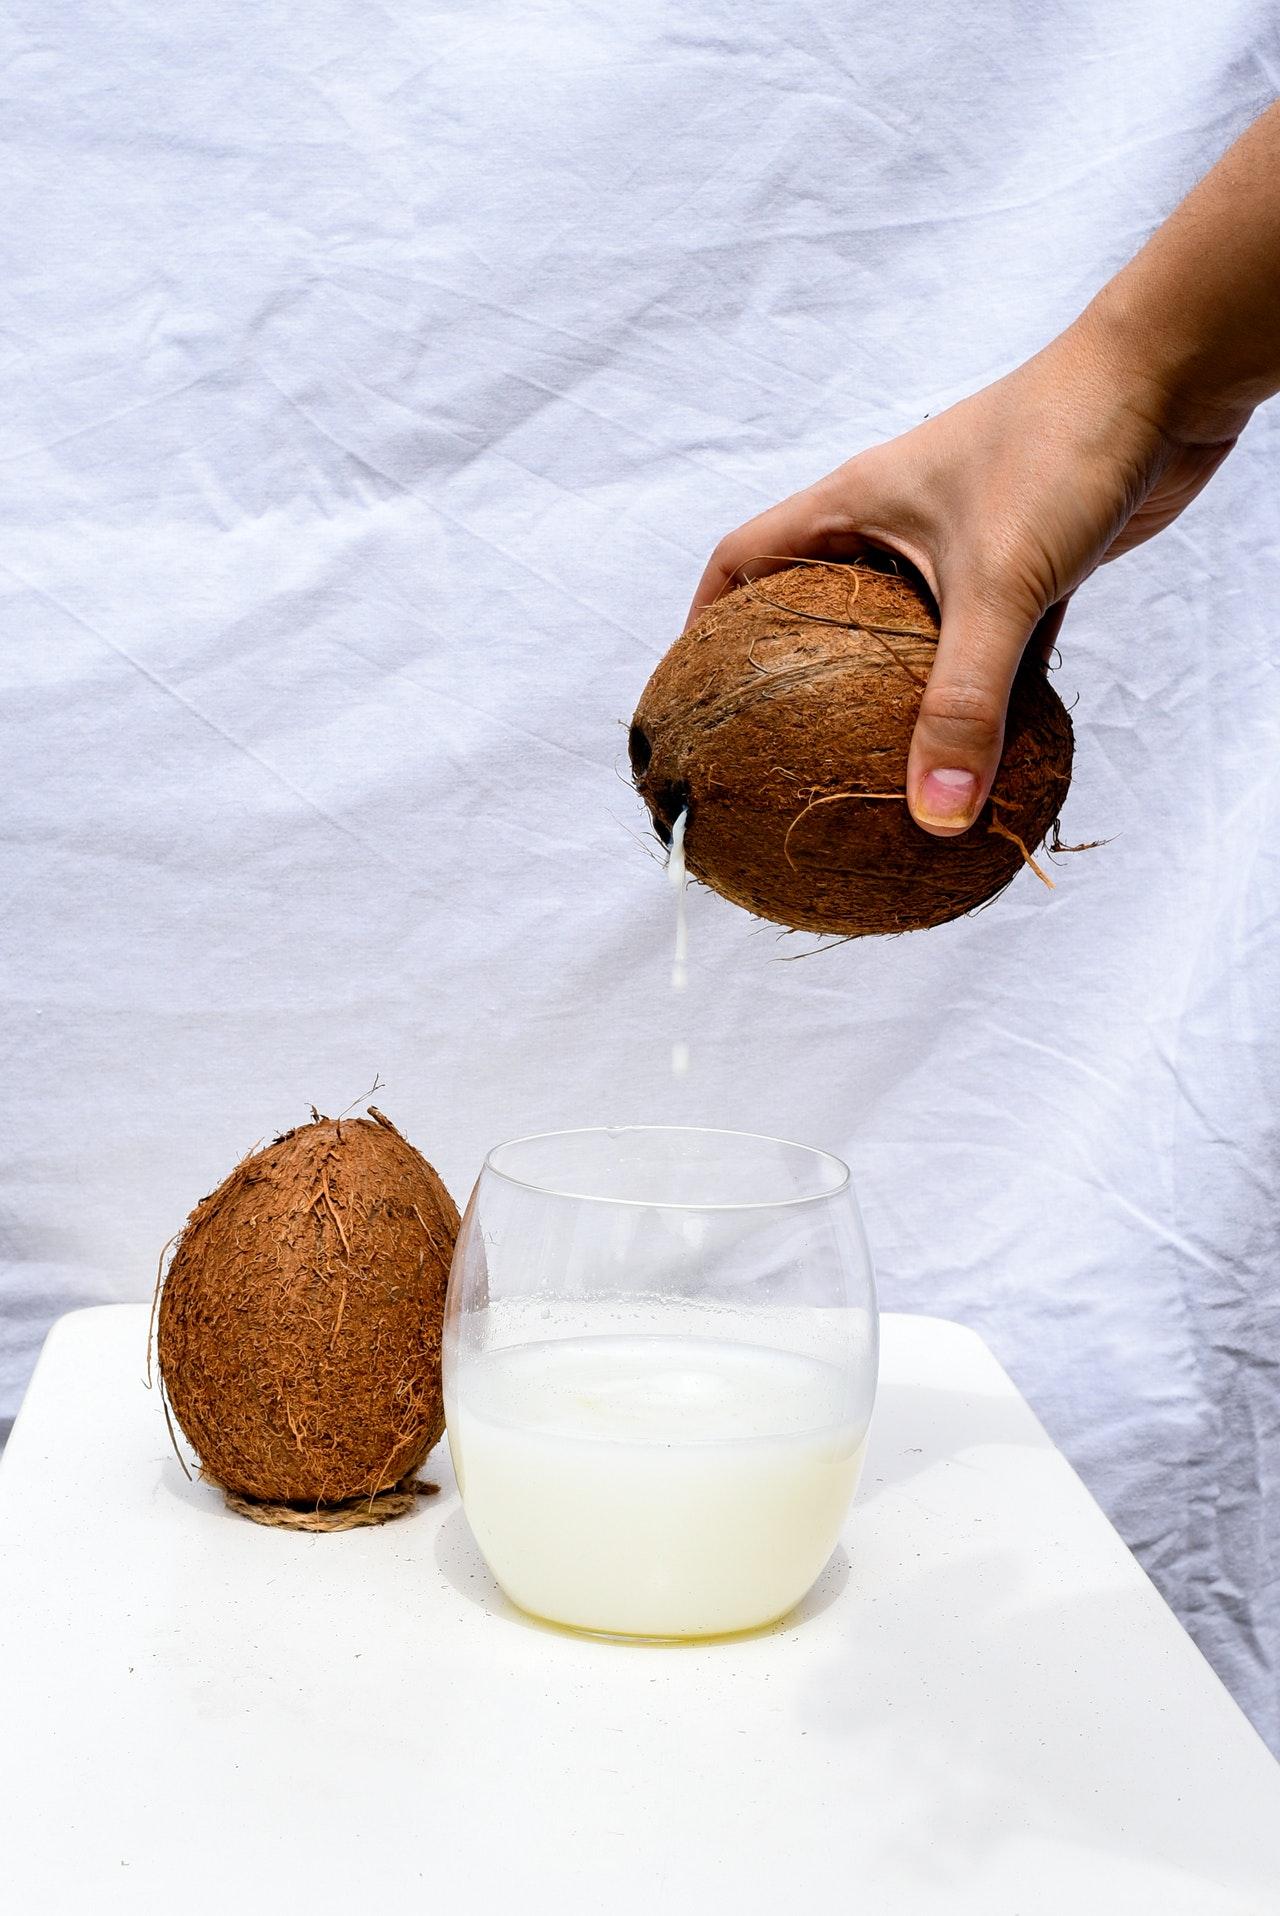 नारियल पानी पीने के फायदे उपयोग और नुकसान